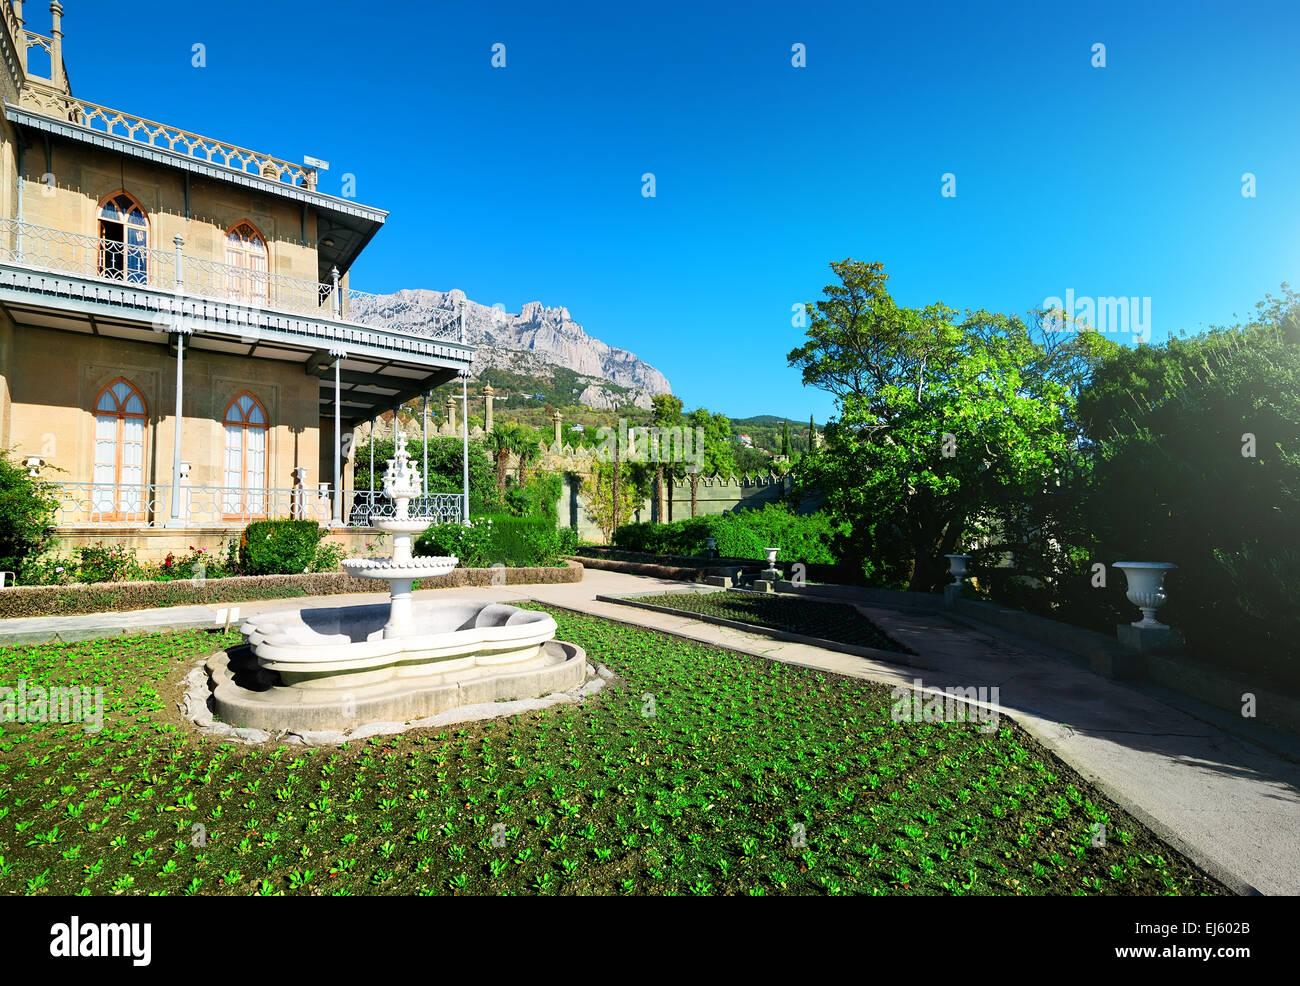 Le printemps à la résidence de Vorontsov dans les montagnes Photo Stock